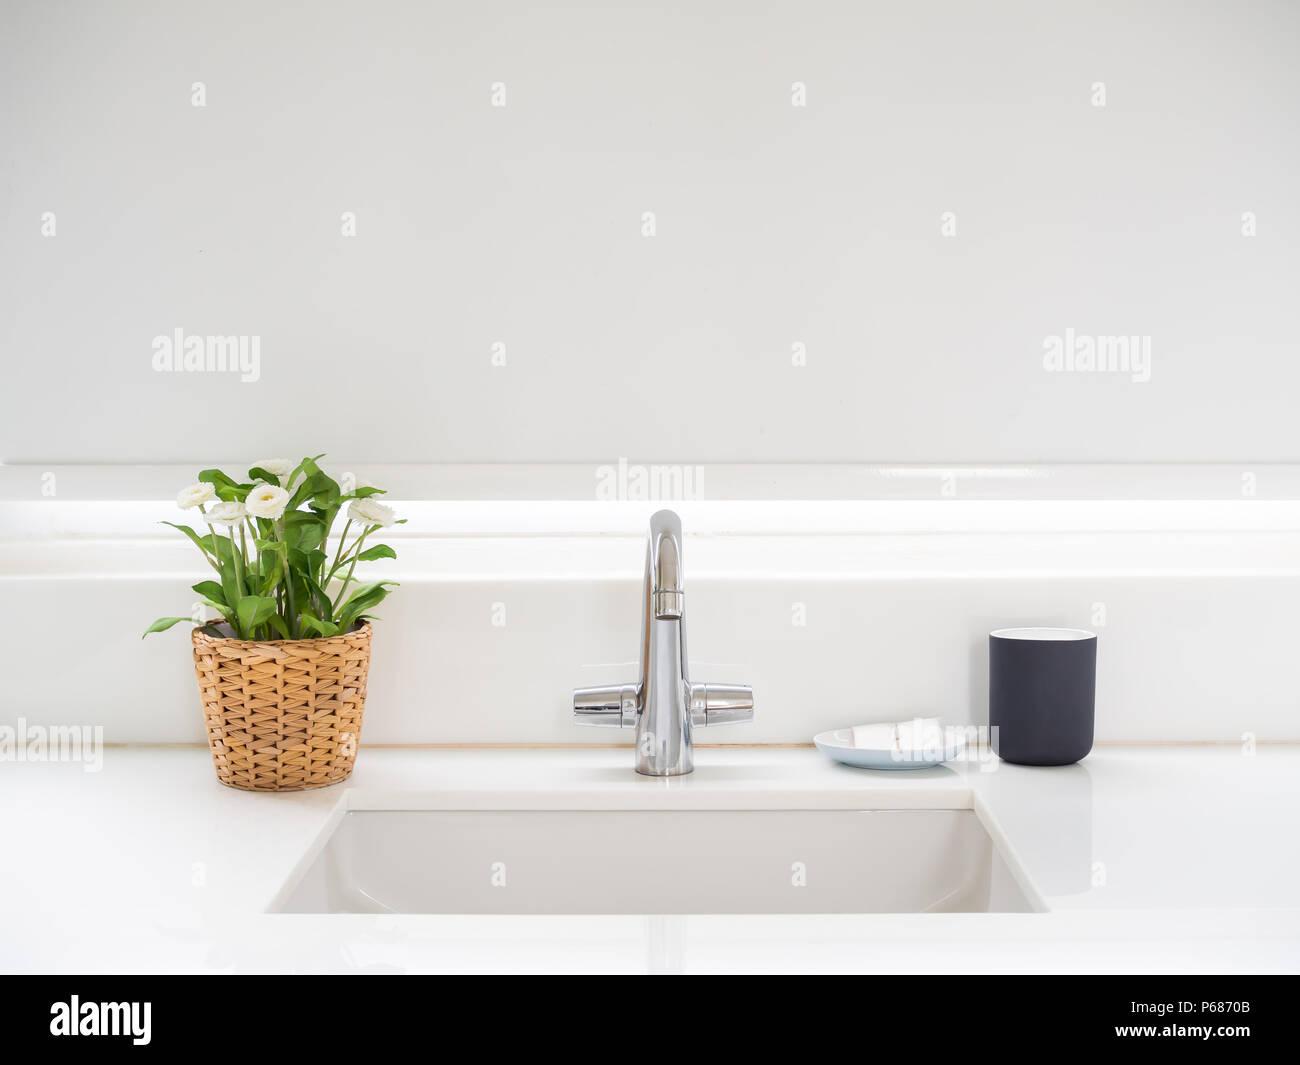 Sauberes weißes Bad mit Waschbecken Waschbecken Wasserhahn, Blumen ...